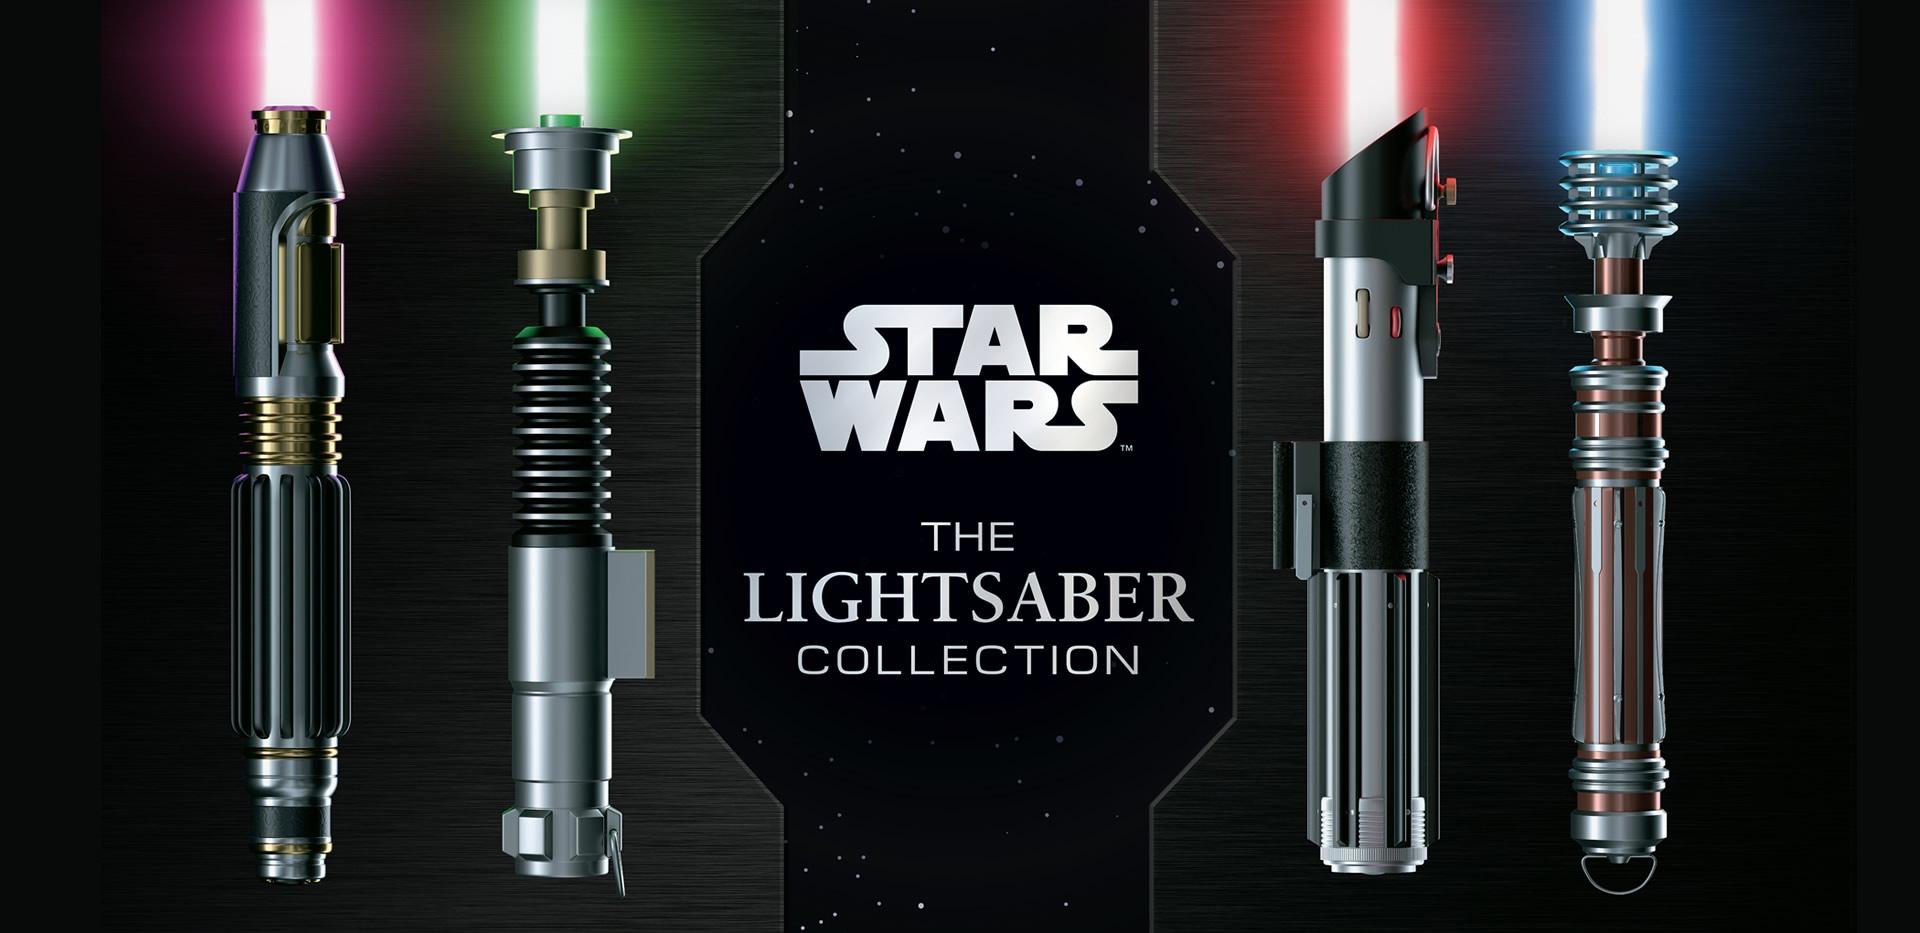 Star Wars: The Lightsaber Collection - Livro com belíssimas ilustrações e de leitura obrigatória para os fãs